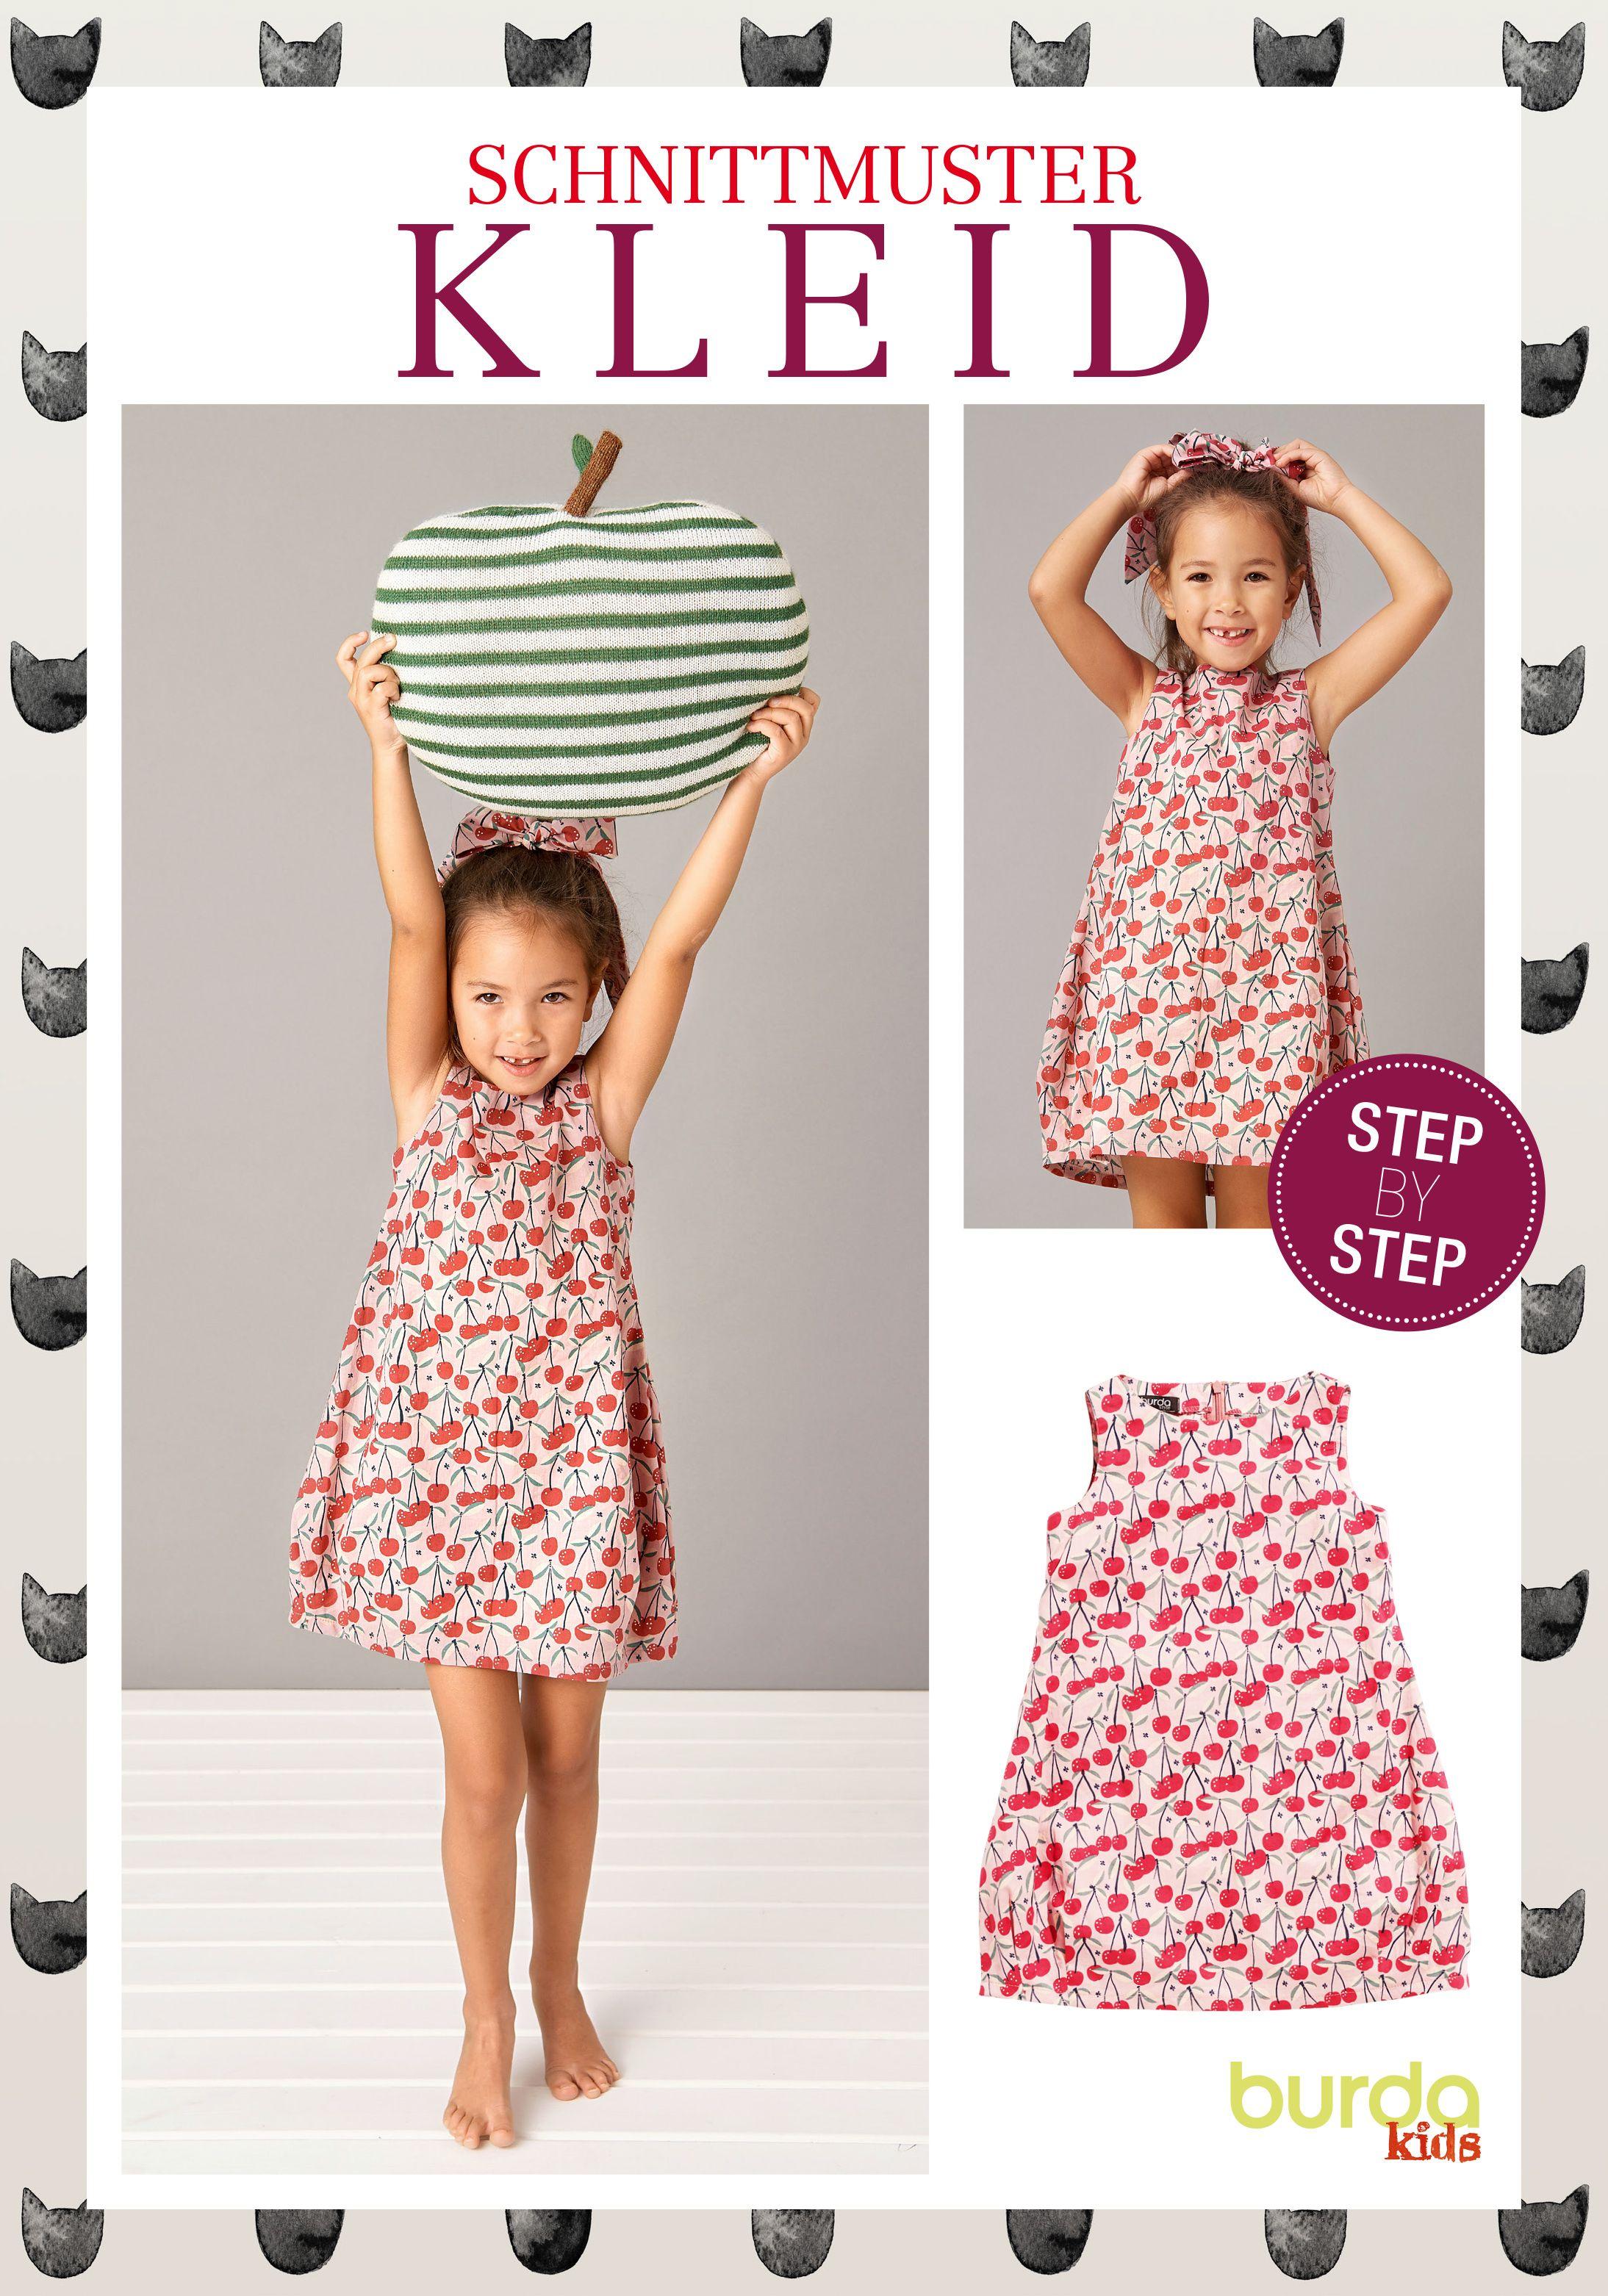 Schnittmuster · Kleid · Step by Step Nähanleitung